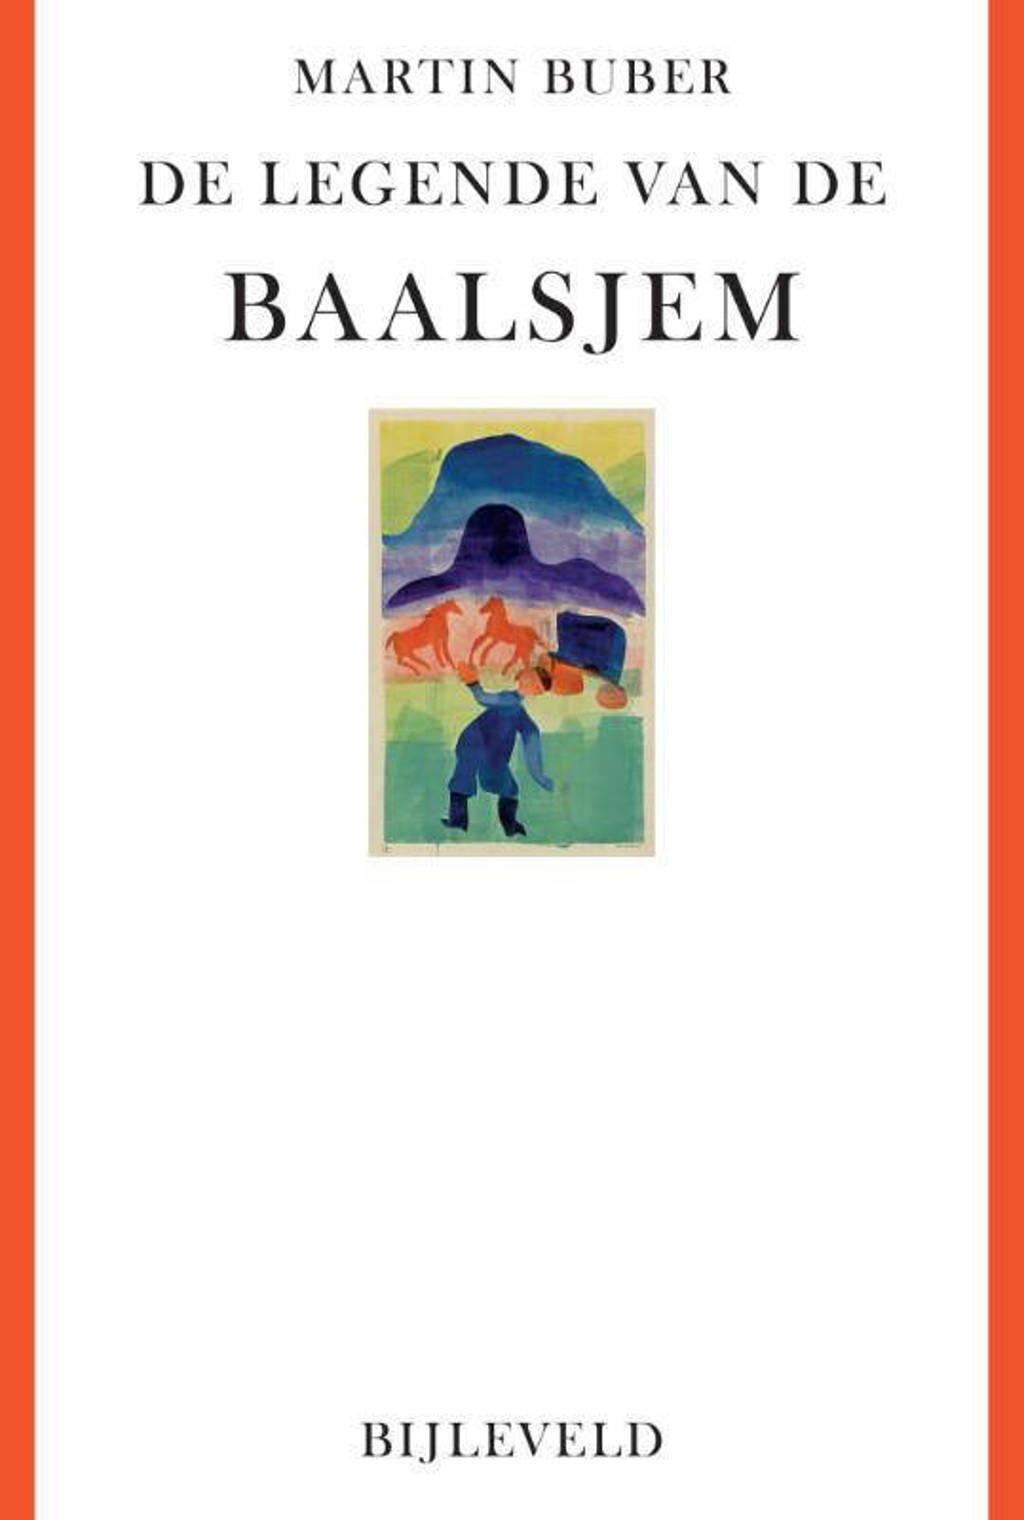 De legende van de Baalsjem - Martin Buber